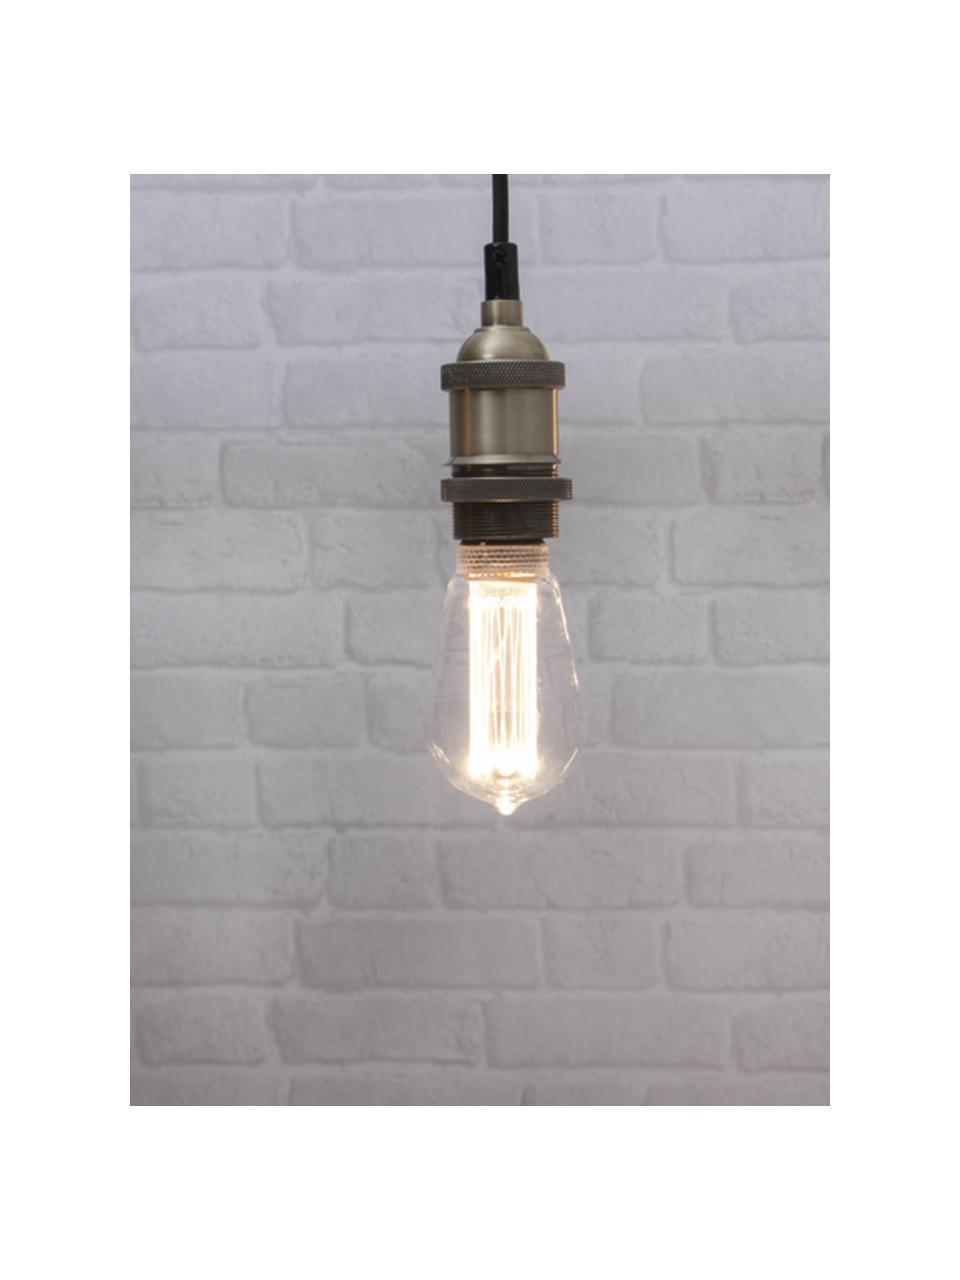 E27 Leuchtmittel, 2.5W, dimmbar, warmweiß, 1 Stück, Leuchtmittelschirm: Glas, Leuchtmittelfassung: Aluminium, Transparent, Ø 6 x H 15 cm